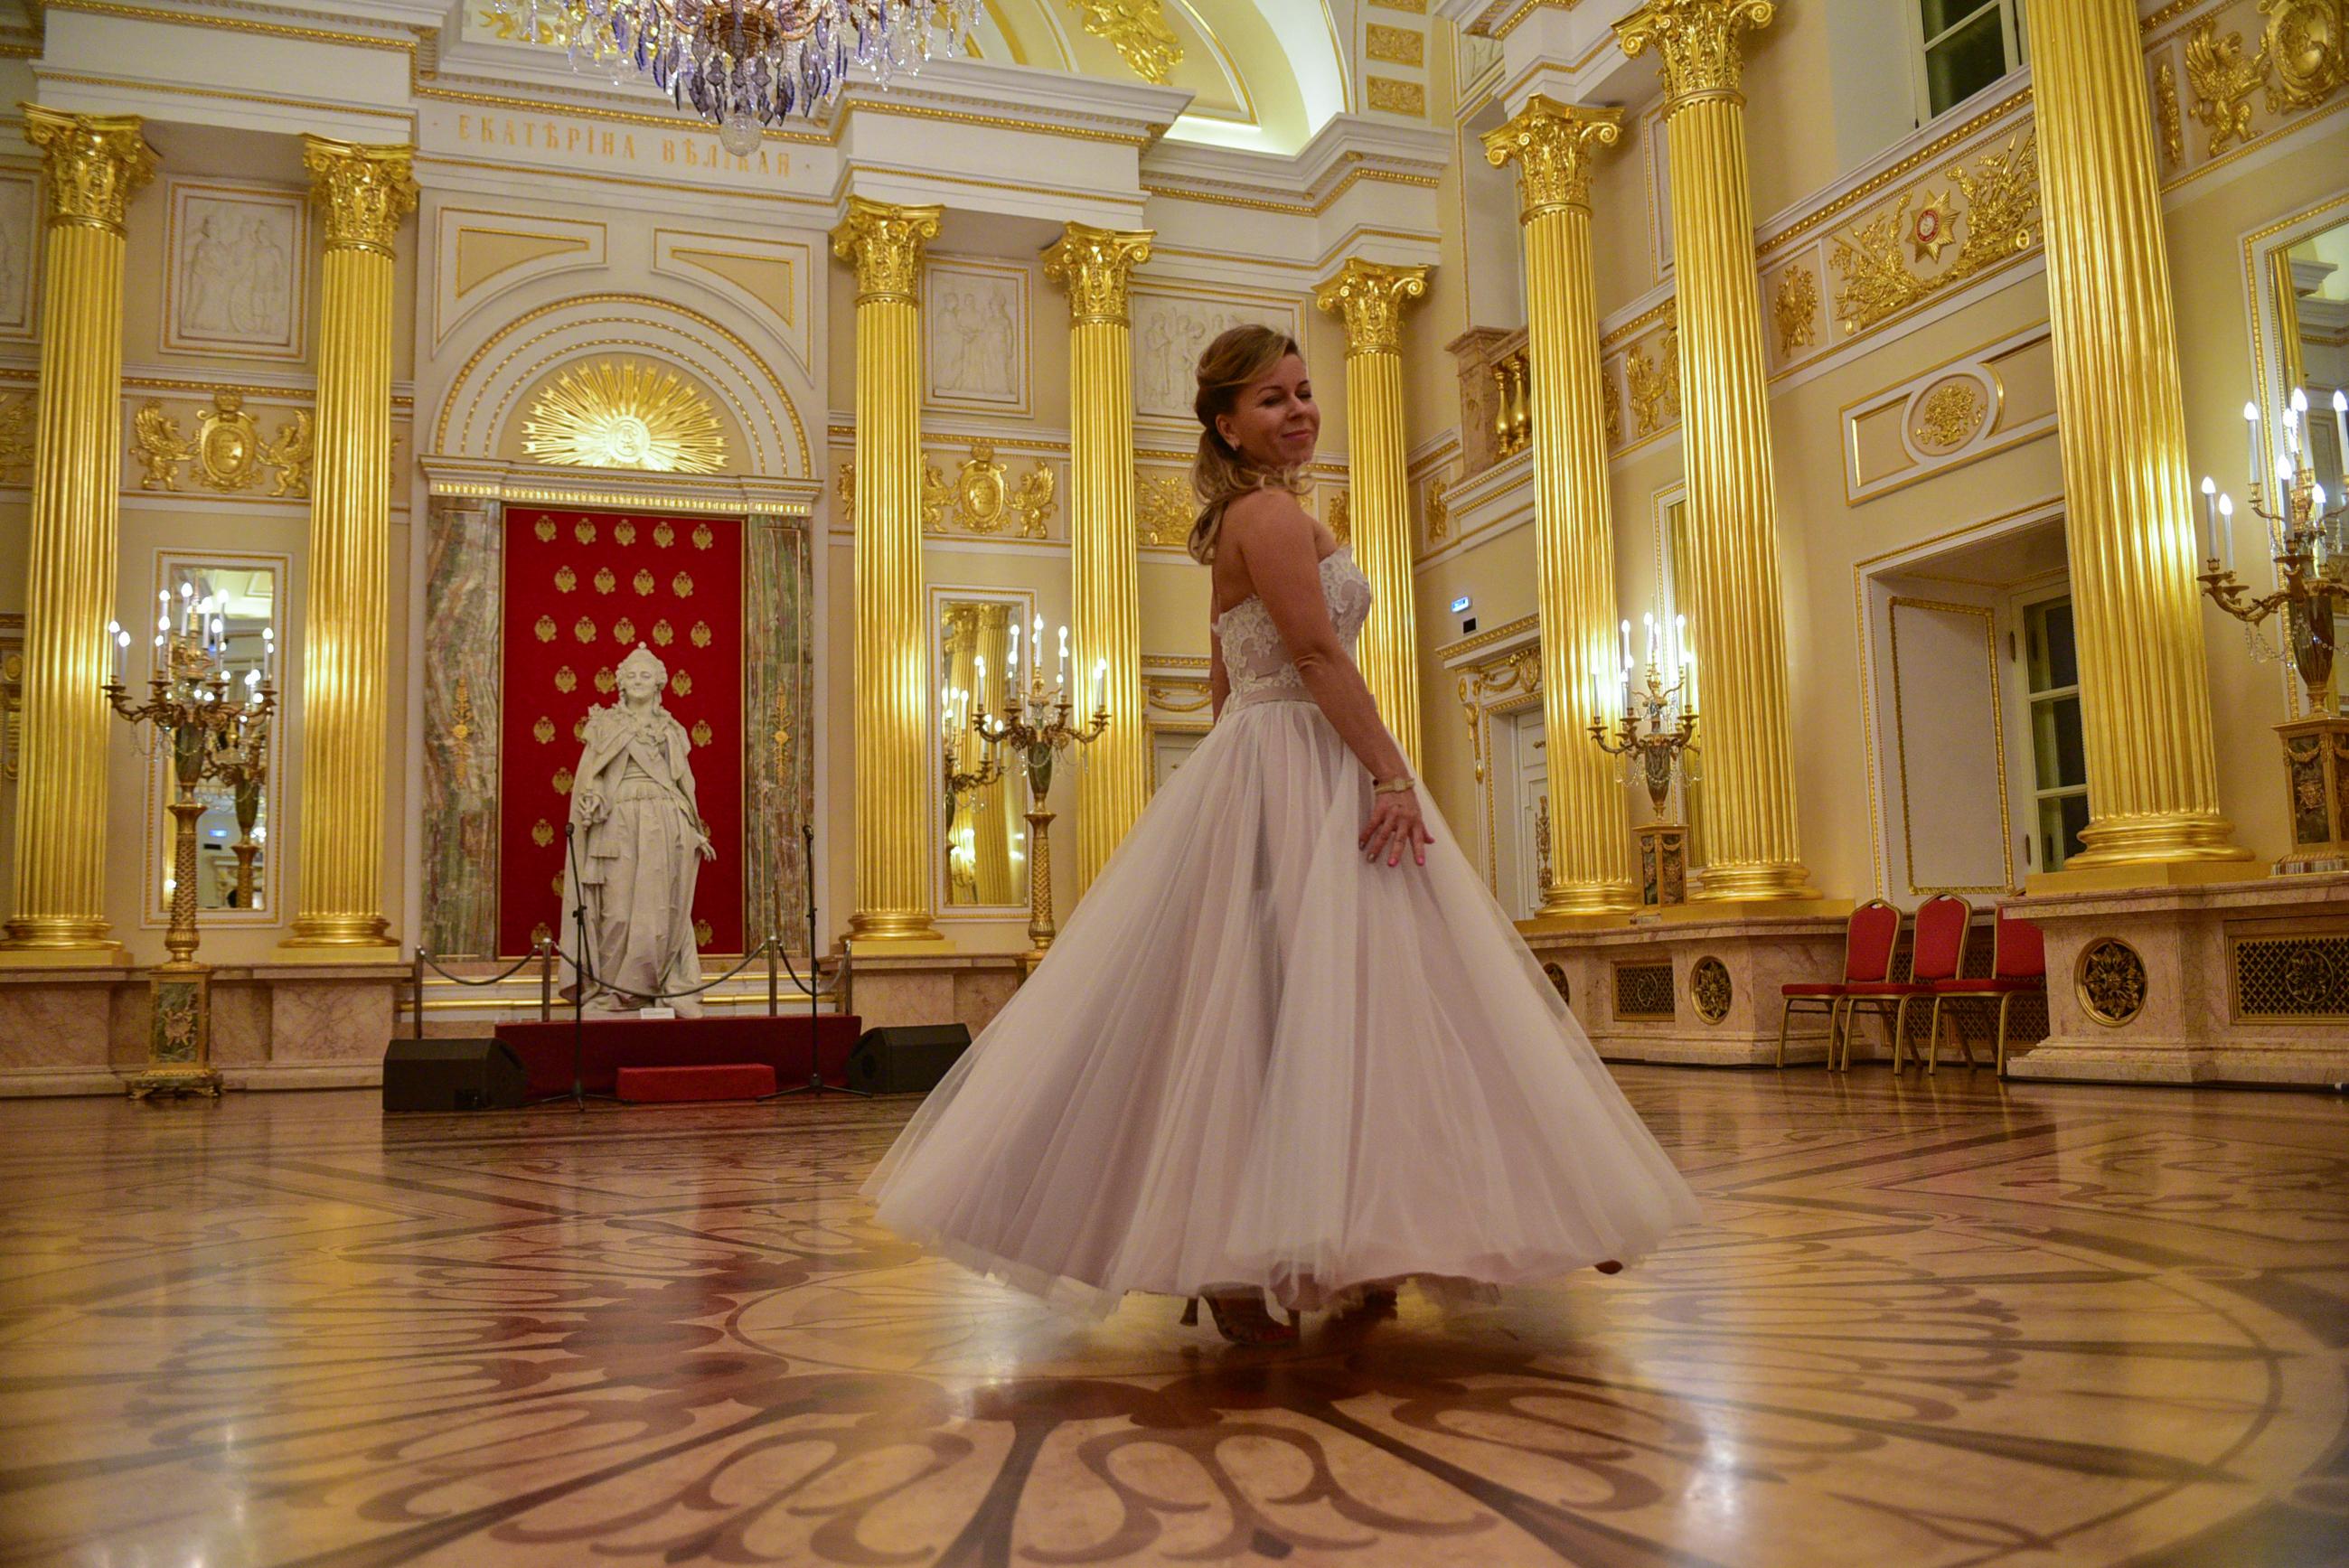 Бал проведут в музее-усадьбе «Остафьево». Фото: архив, «Вечерняя Москва»